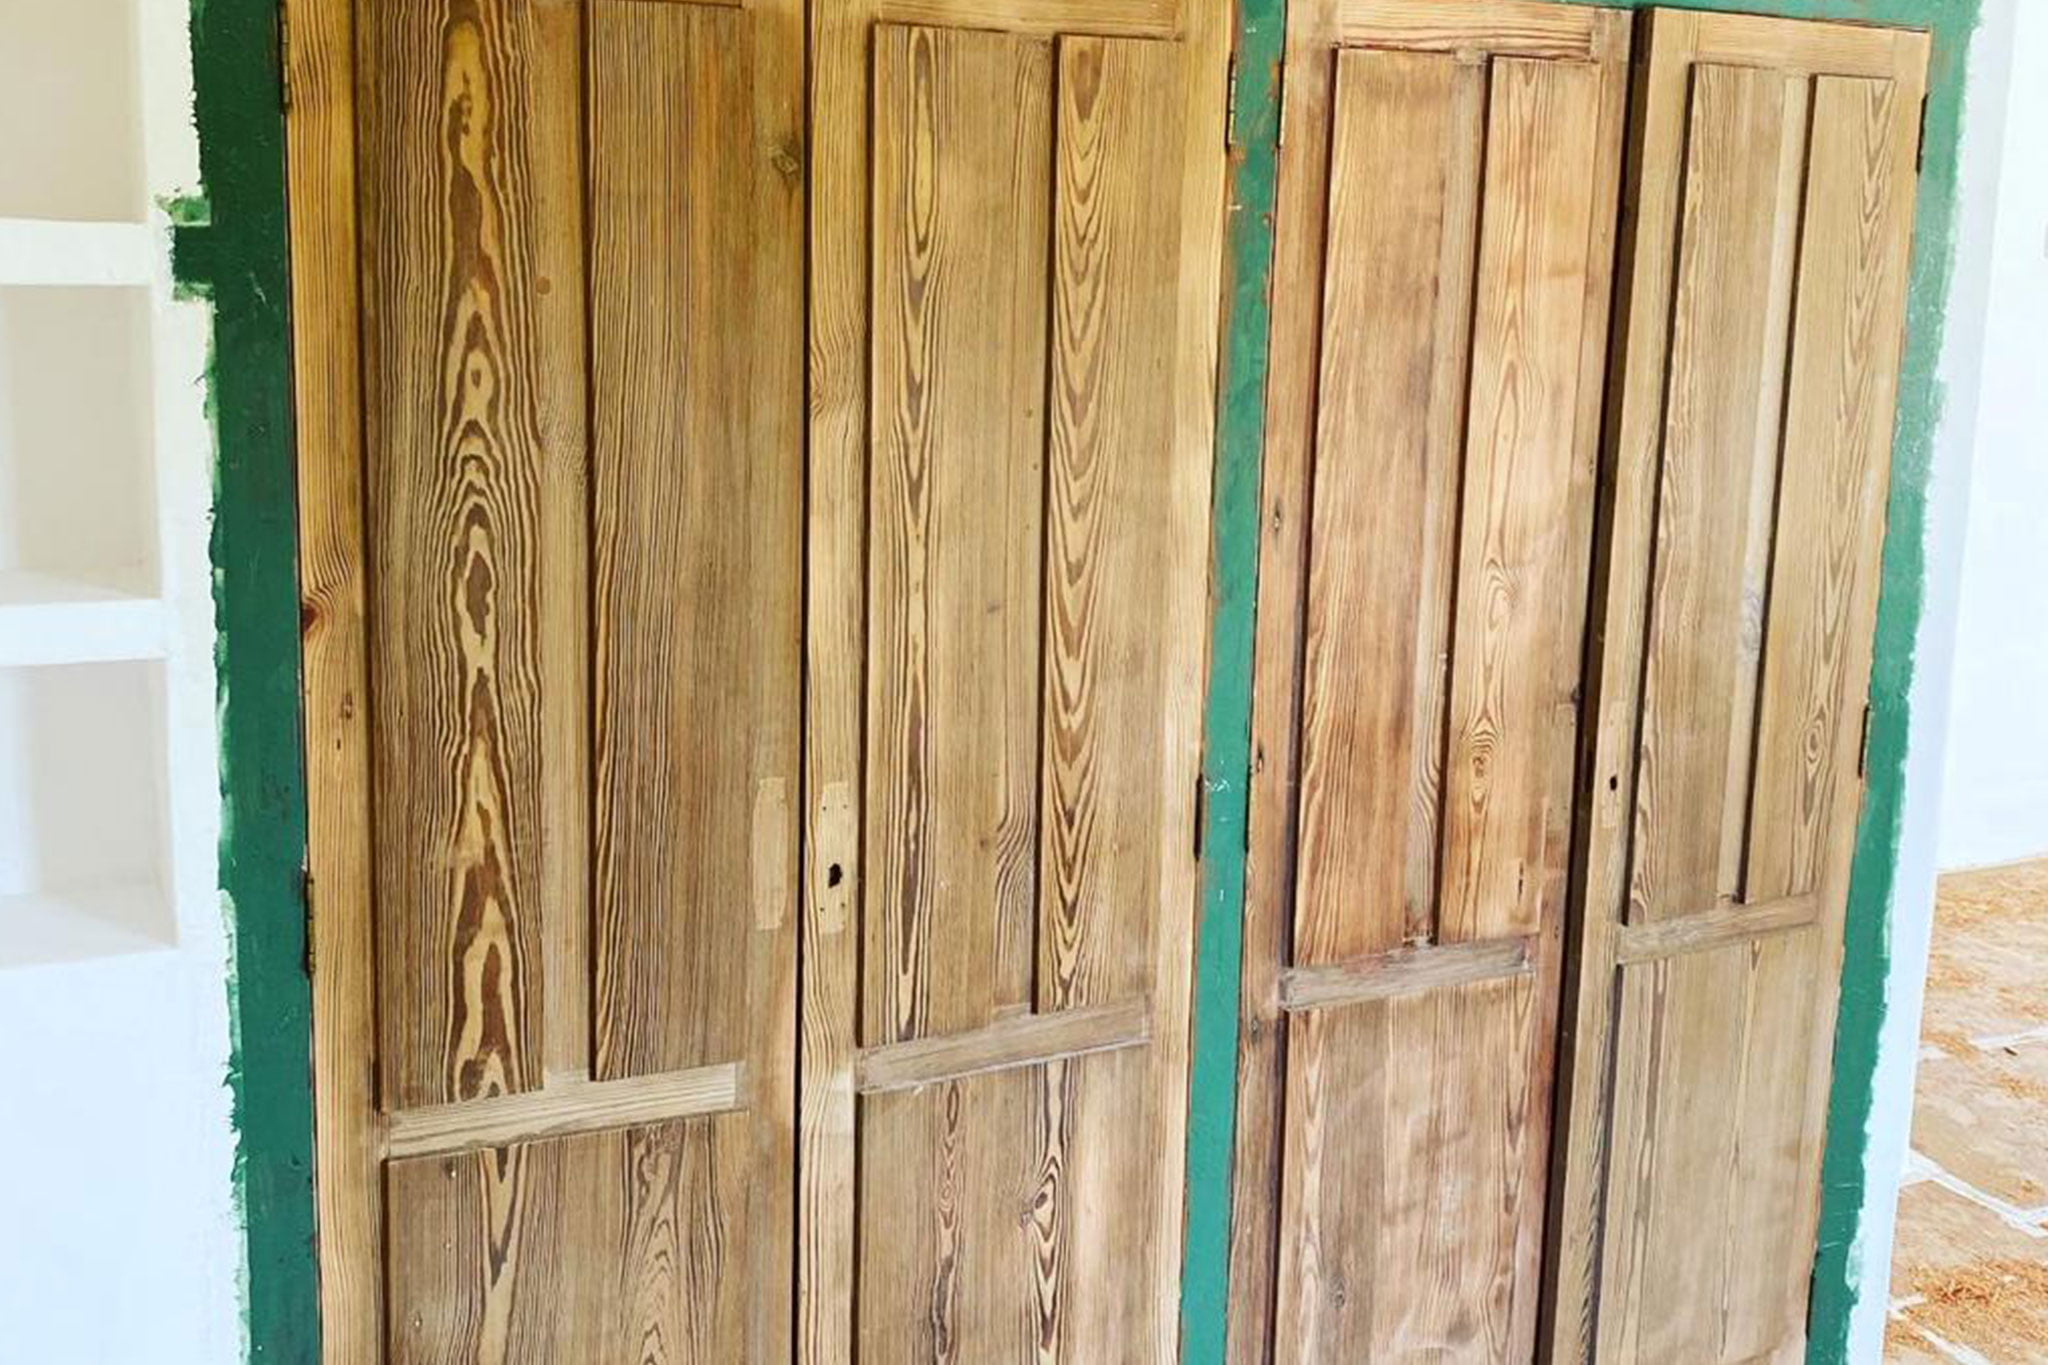 Trabajo de lacado de puertas – Pinturas Juanvi Ortolà